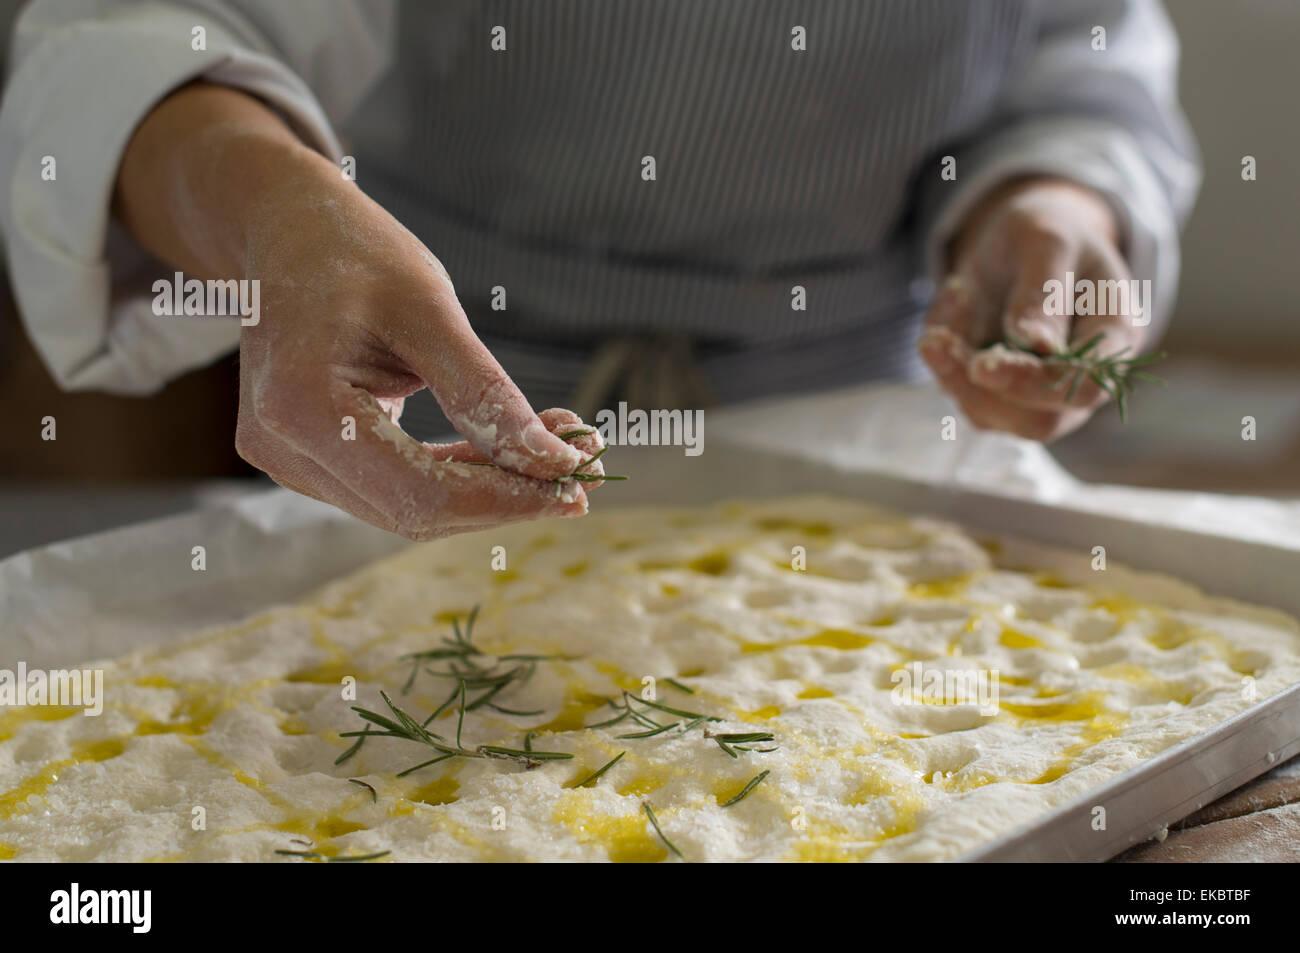 Baker de préparer des plats sans gluten de la pâte à cuire Photo Stock